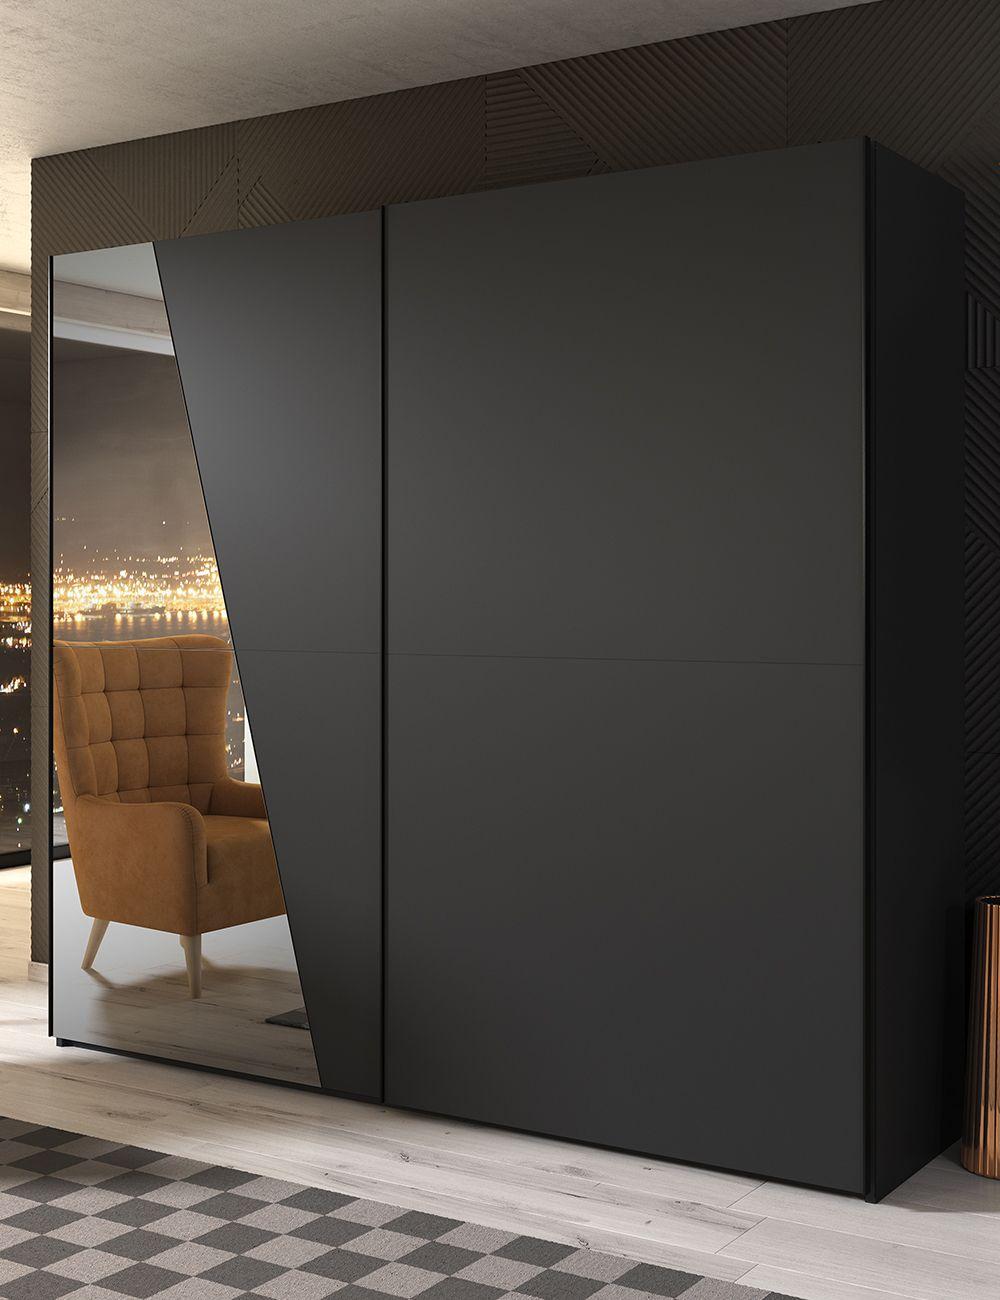 black cupboard, mirror, wooden floor, patterned rug